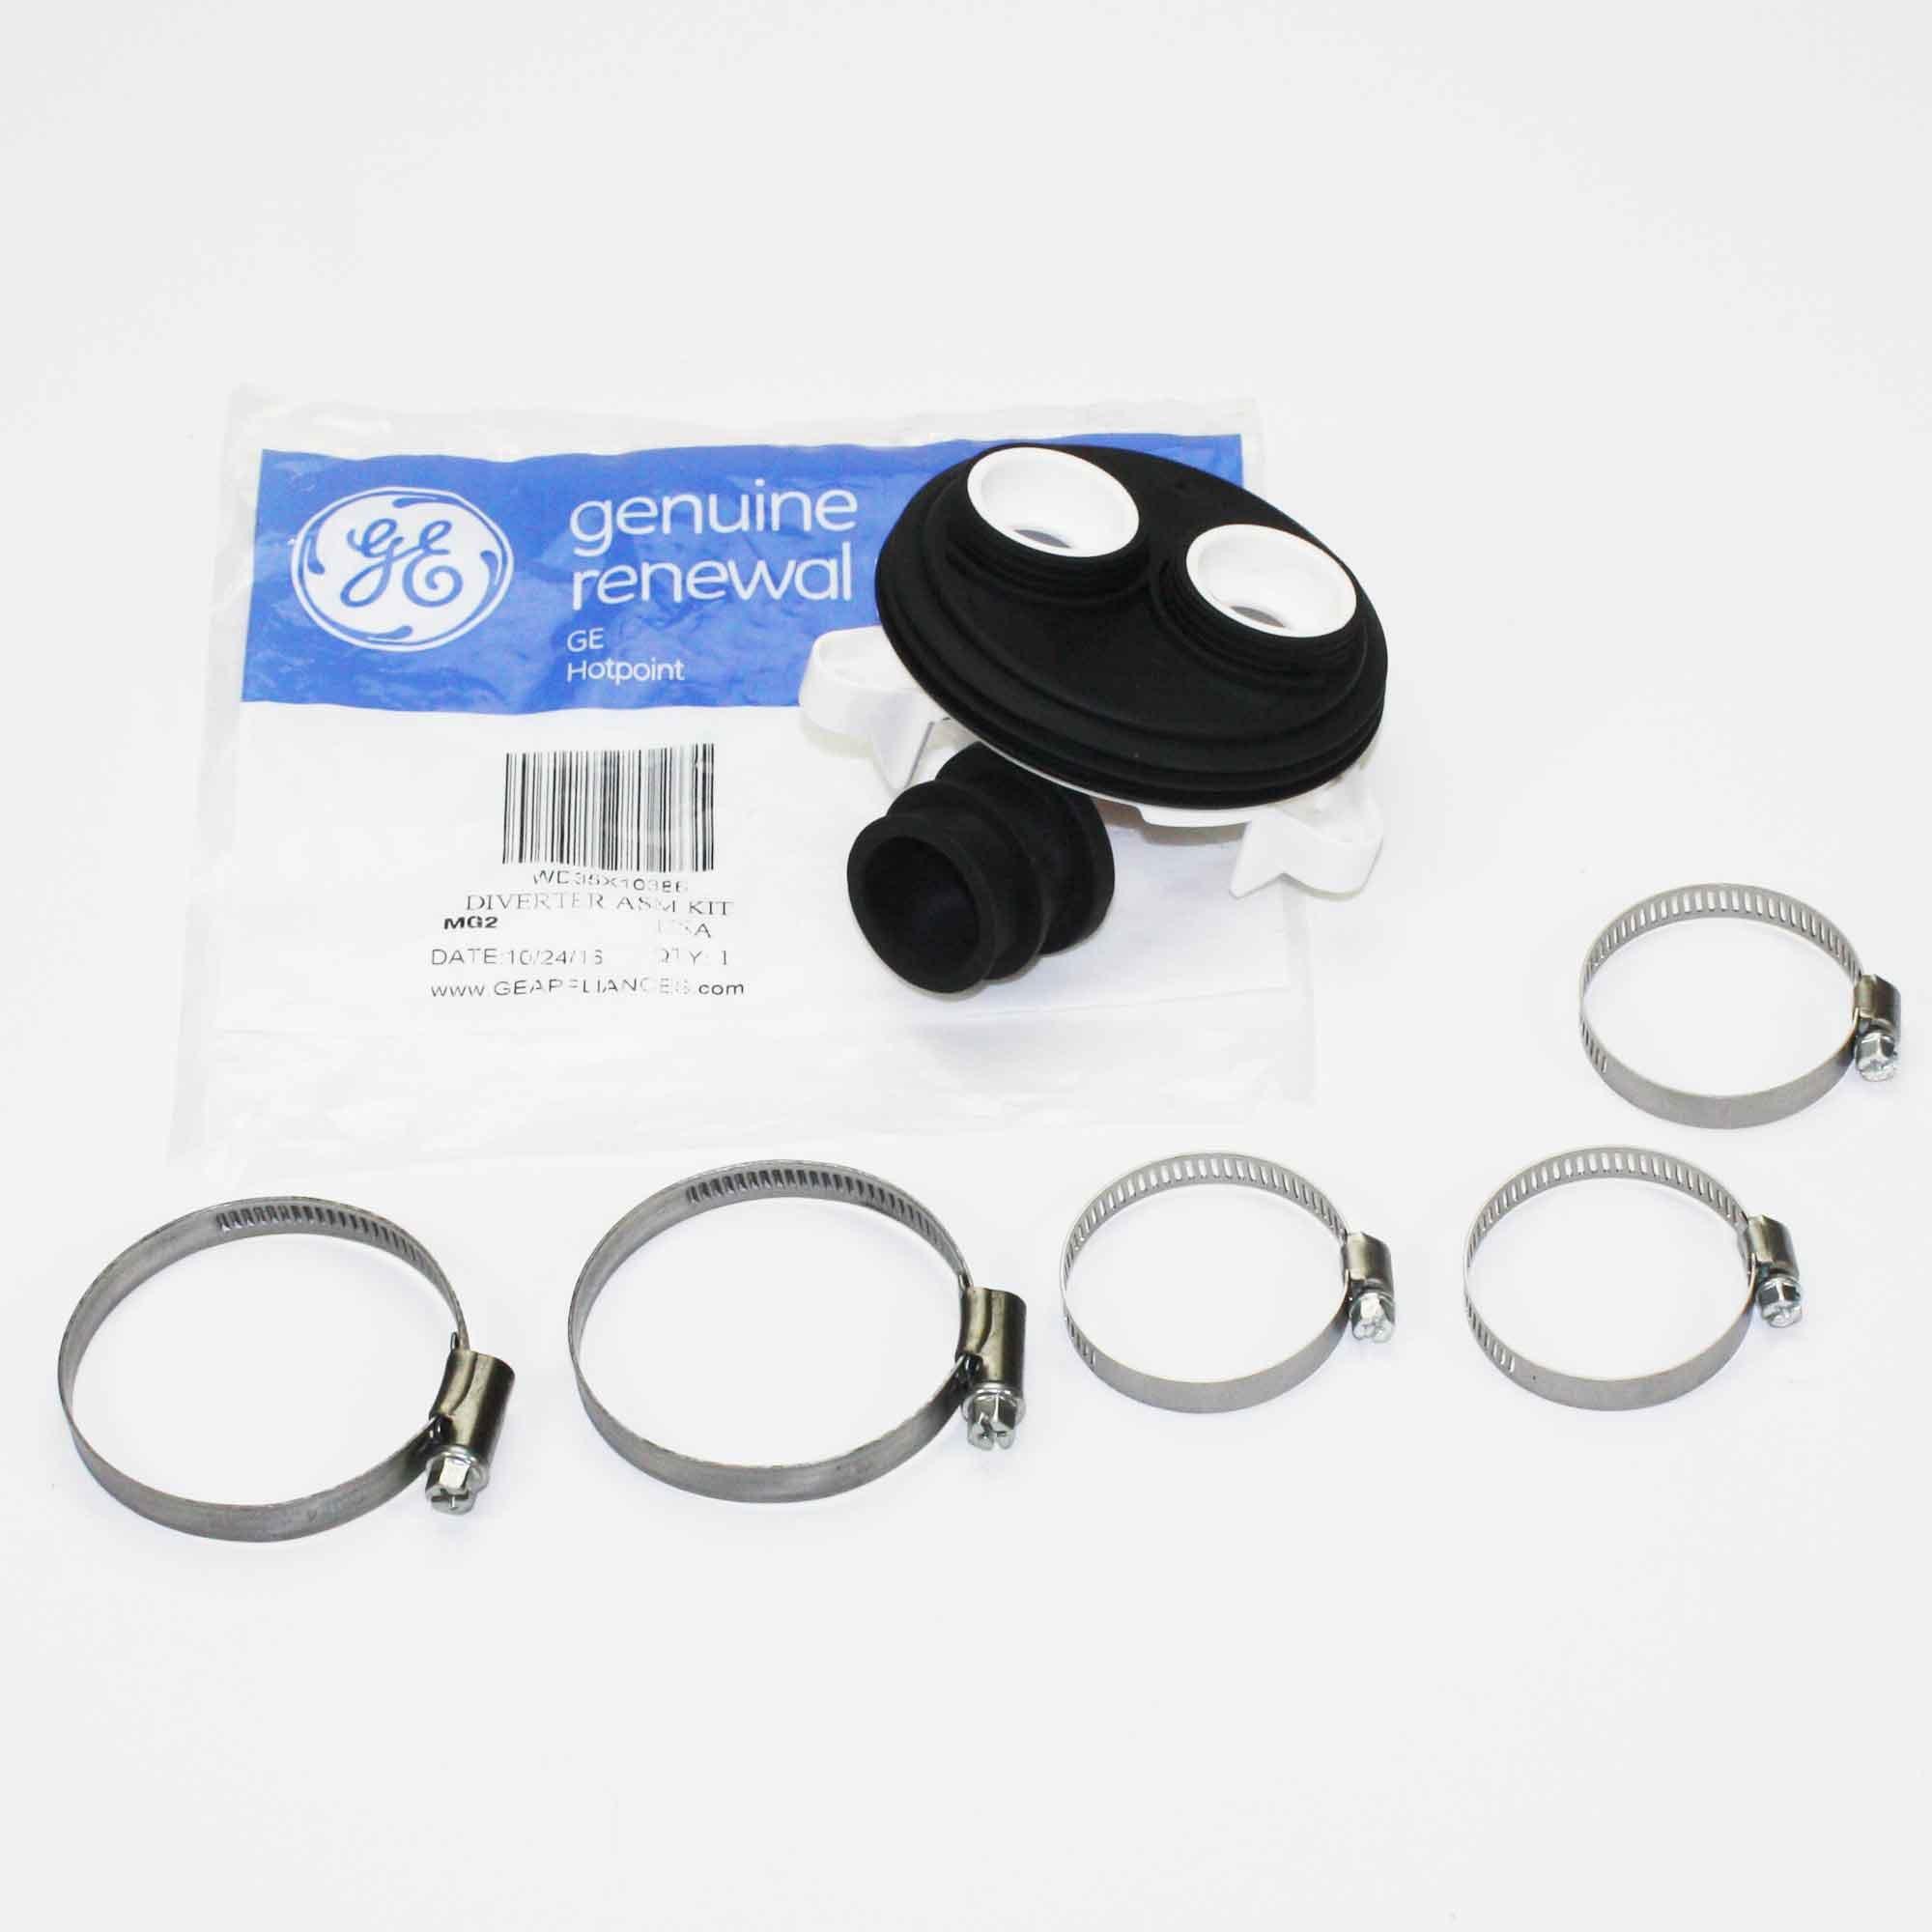 GE WD35X10386 Diverter Asm Kit